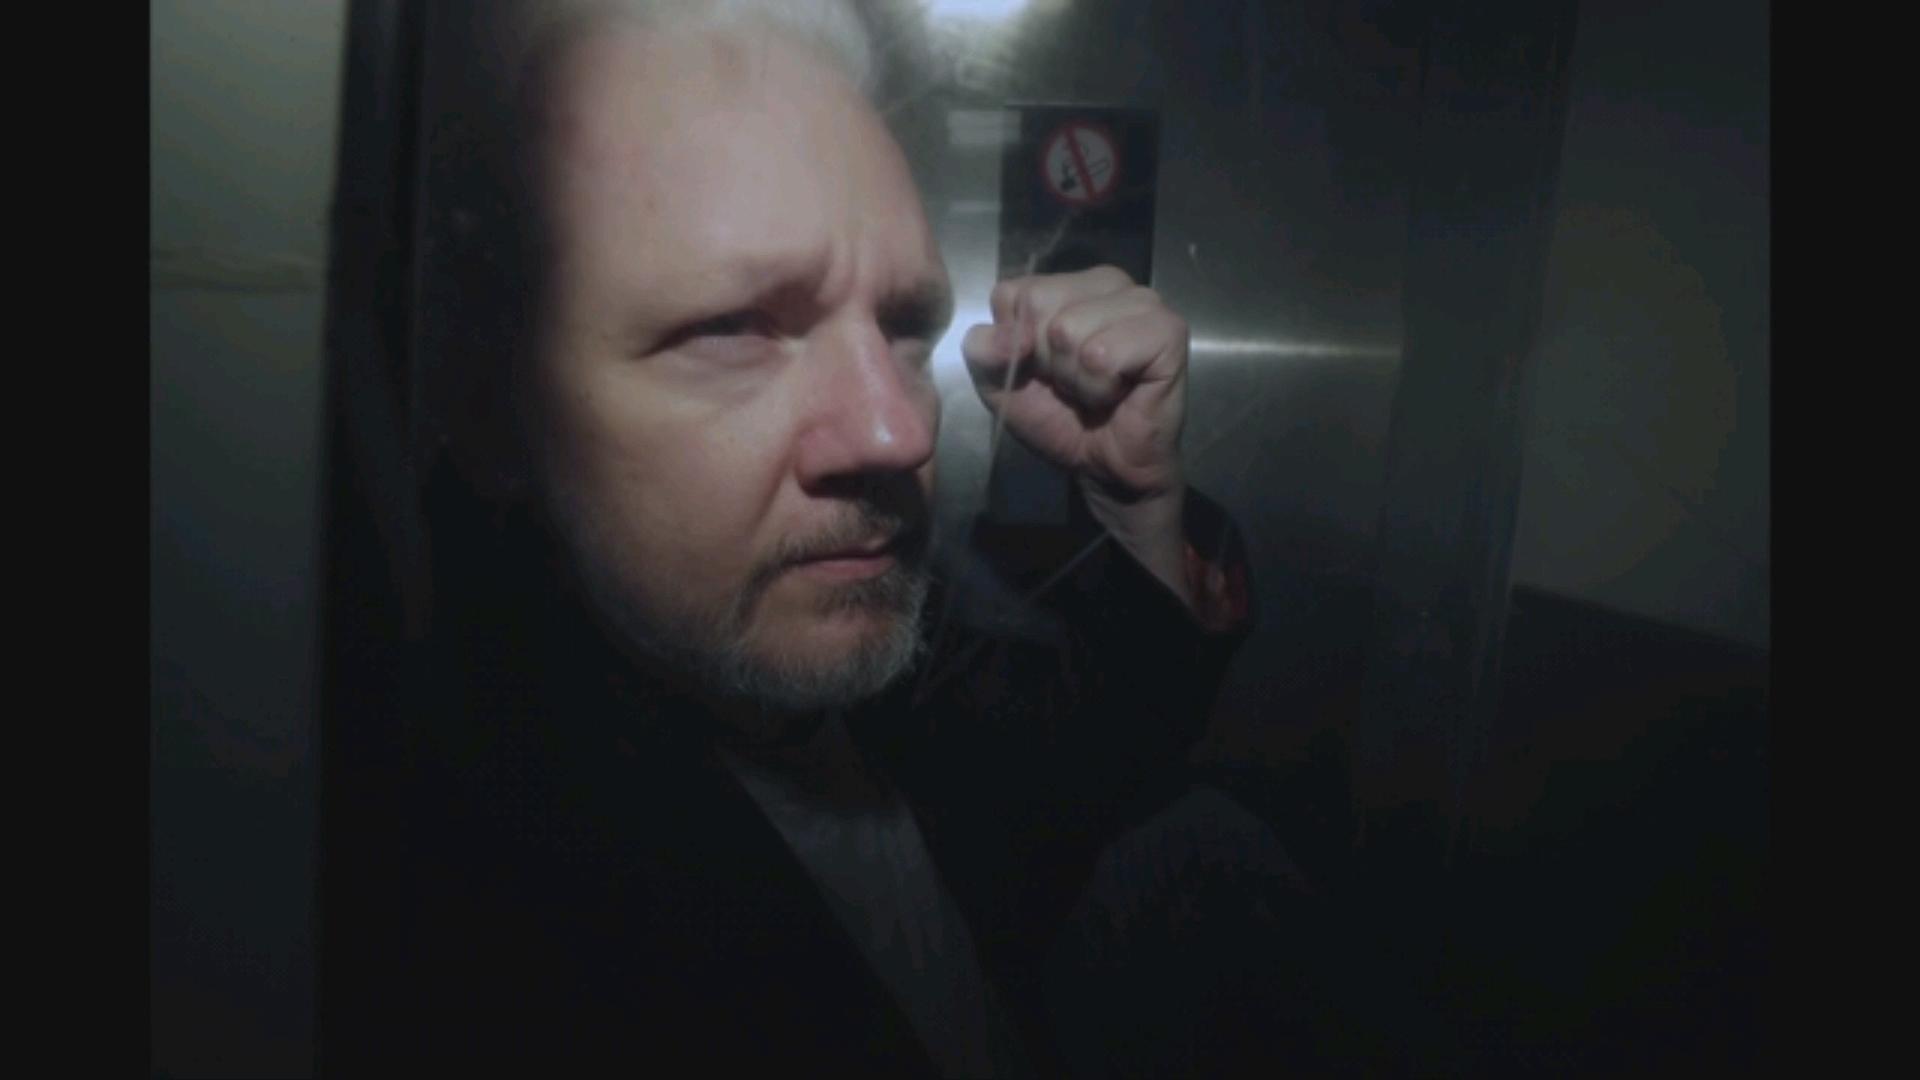 Жулиан Ассанжид холбогдох бэлгийн хүчирхийллийн хэргийг Швед улсын прокурорын газраас эргэн сэргээхээр болсноомэдэгдлээ